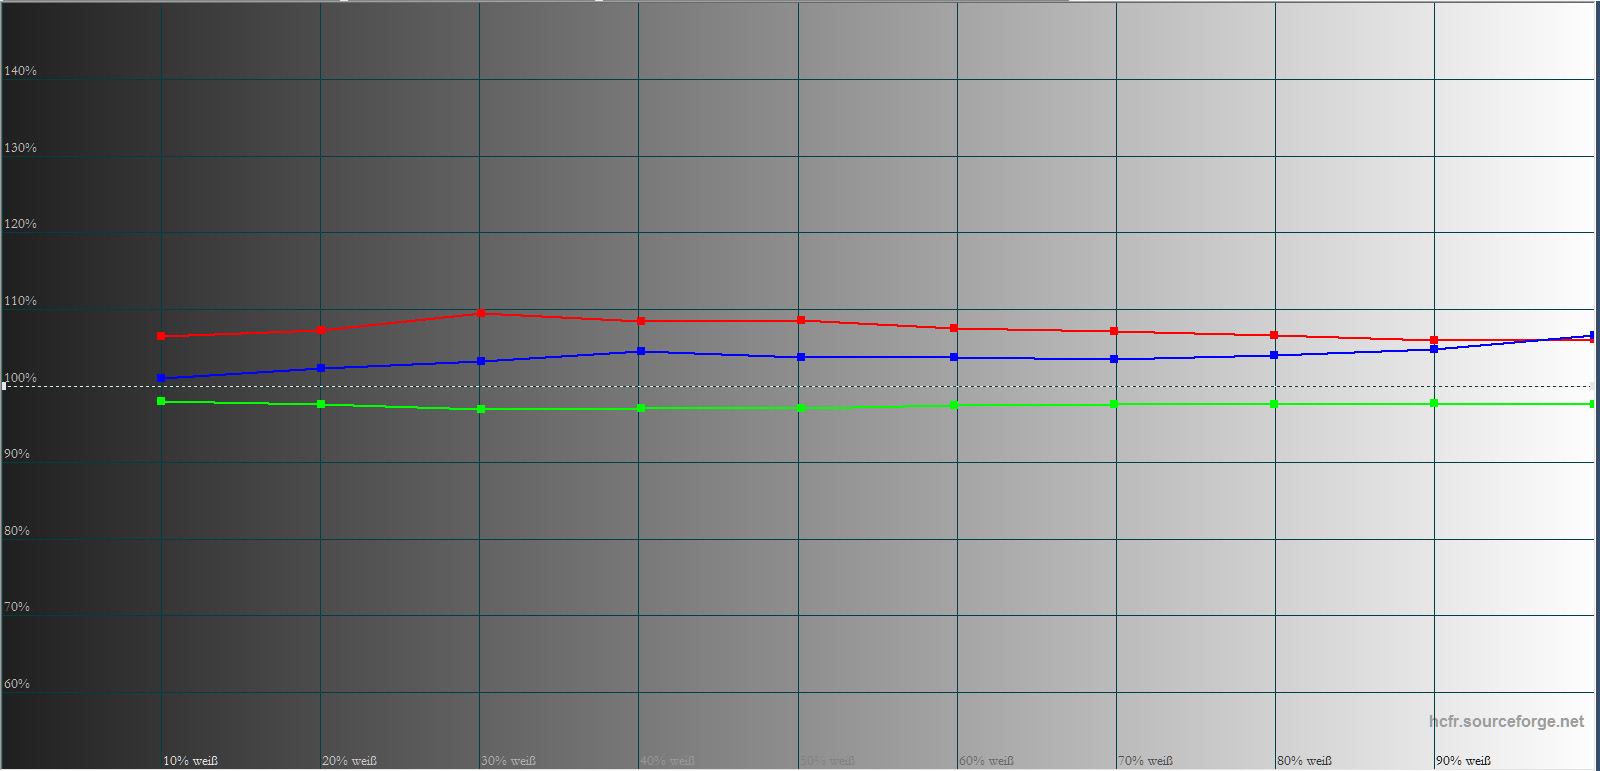 Graustufenverlauf ab Werk: Während Rot und Blau durchweg über dem Soll liegen (100-%-Linie), verläuft Grün knapp darunter. Da der Farbtemperatur weitgehend linear verläuft, stellen sich keinerlei Verfärbungen in Schwarz/Weiß-Bildwerken ein.